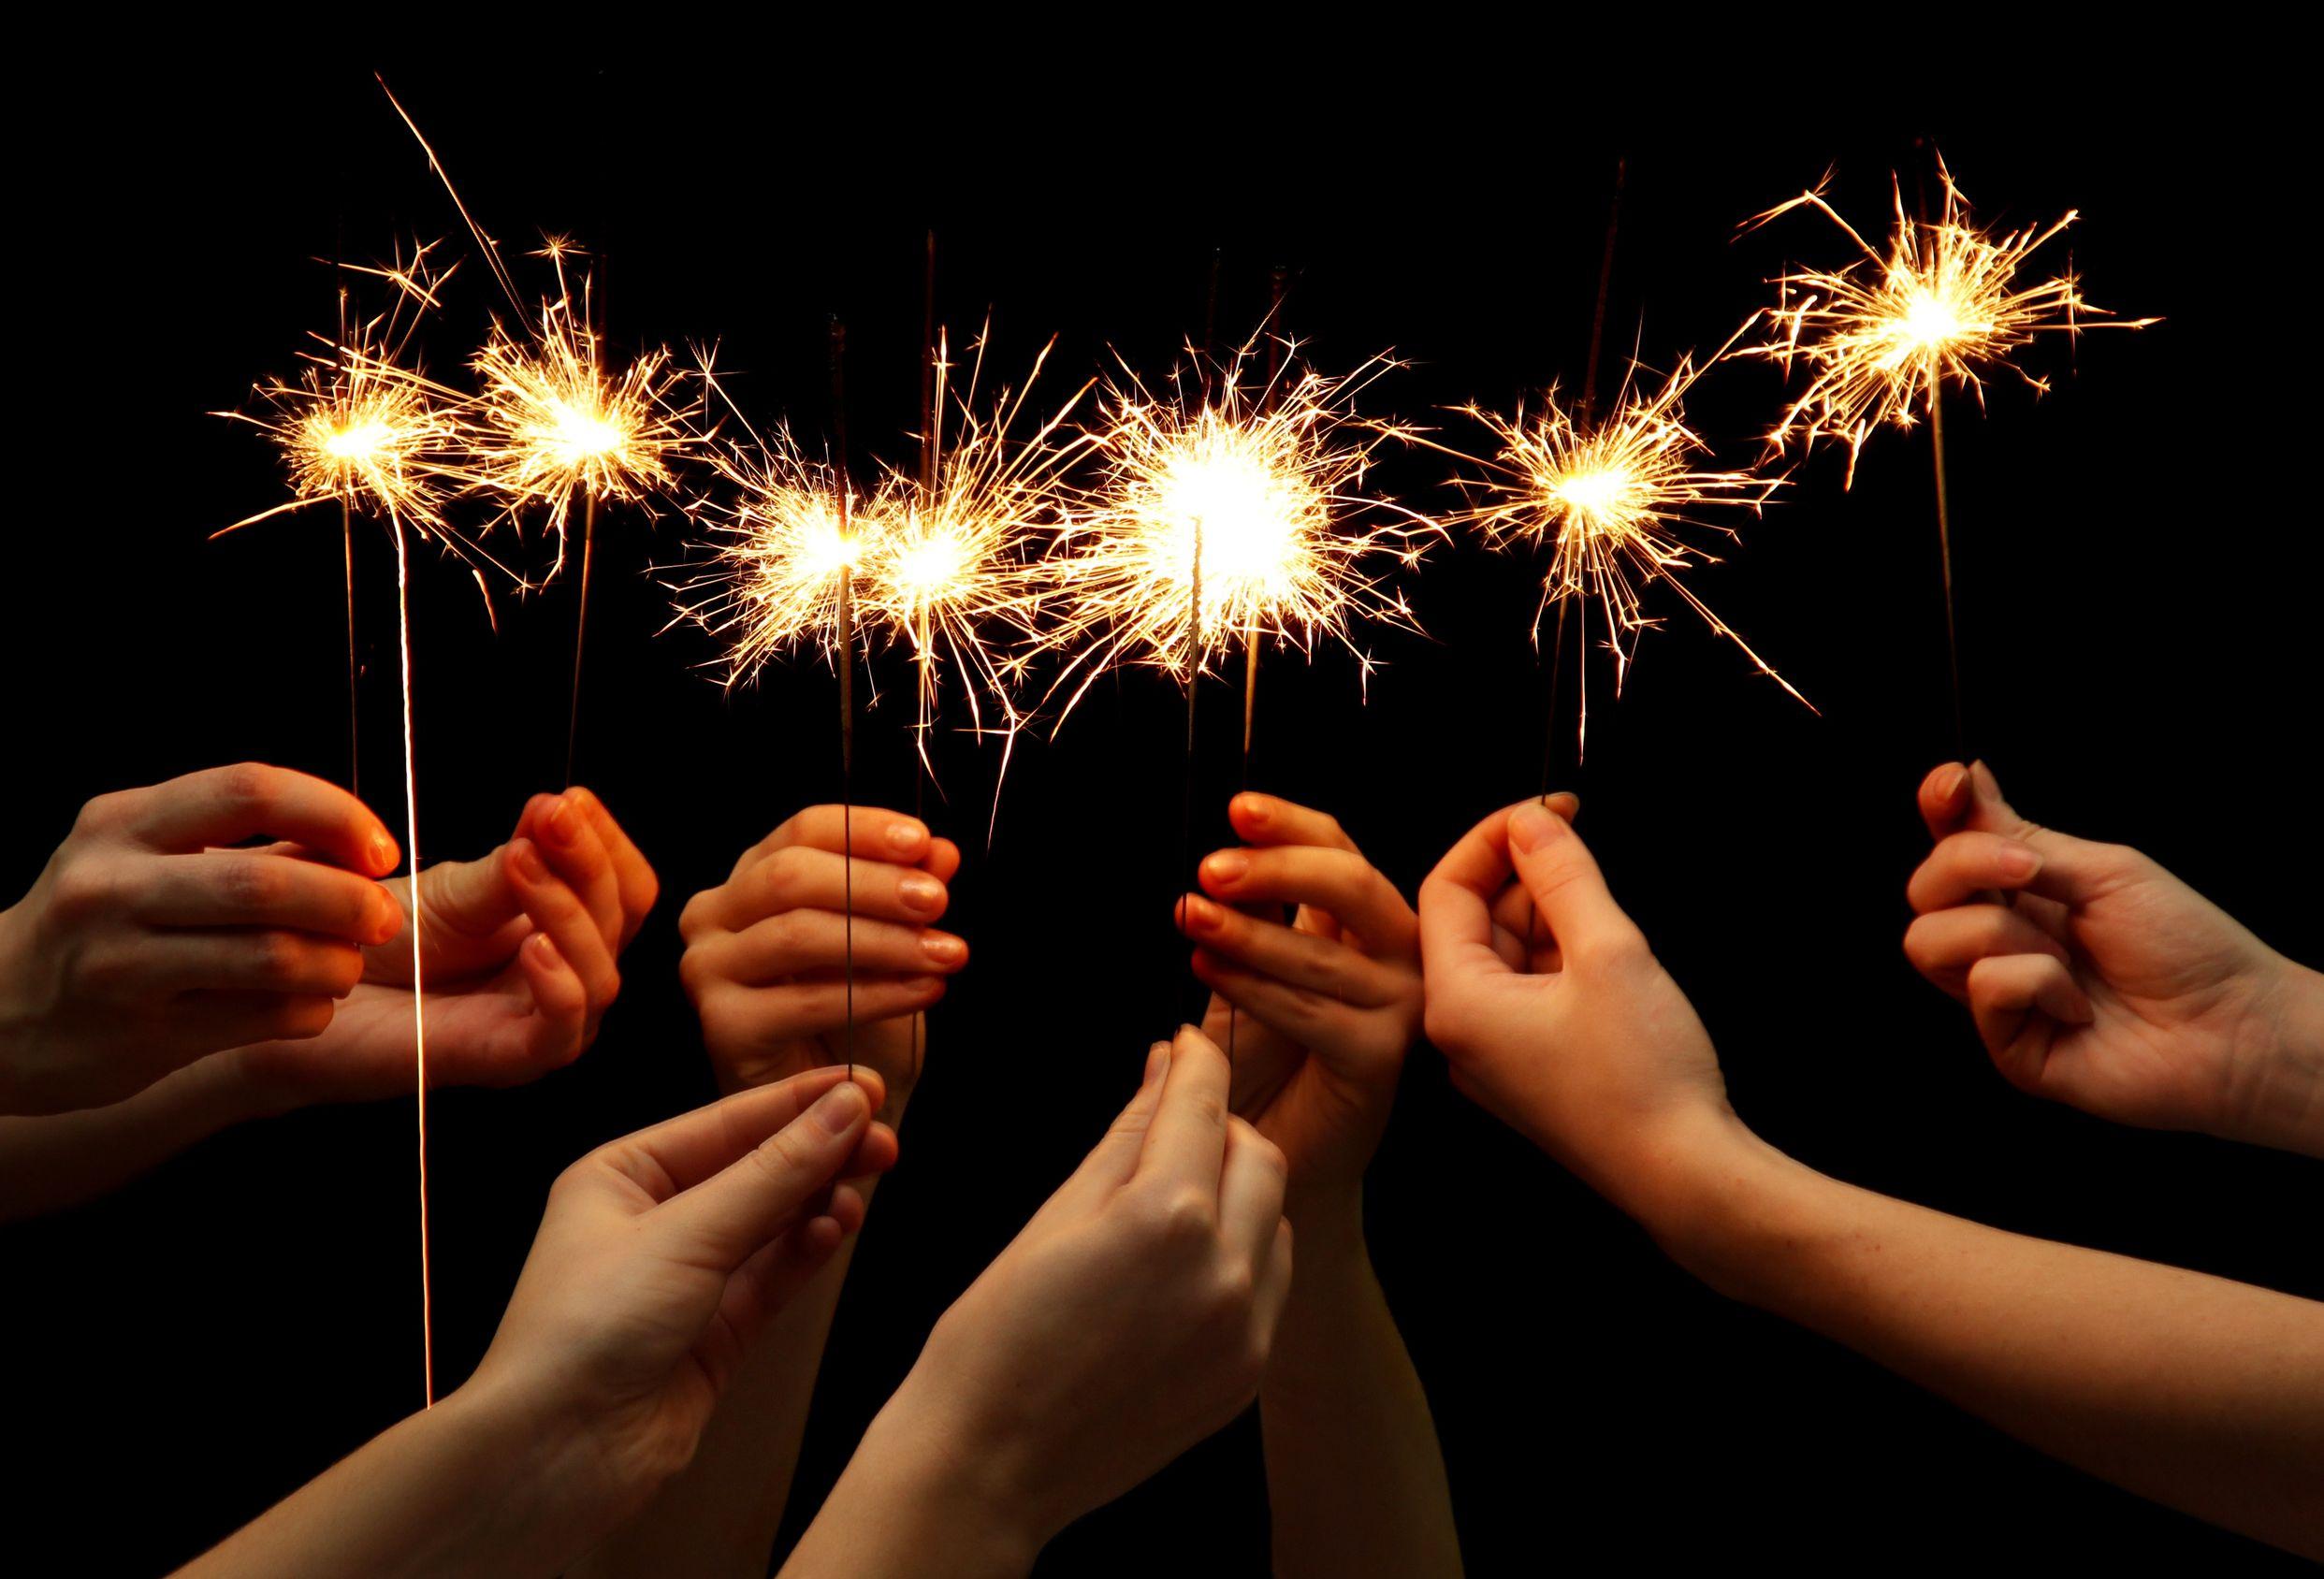 Putnam Officials Urge Fireworks Safety When Celebrating Independence Day